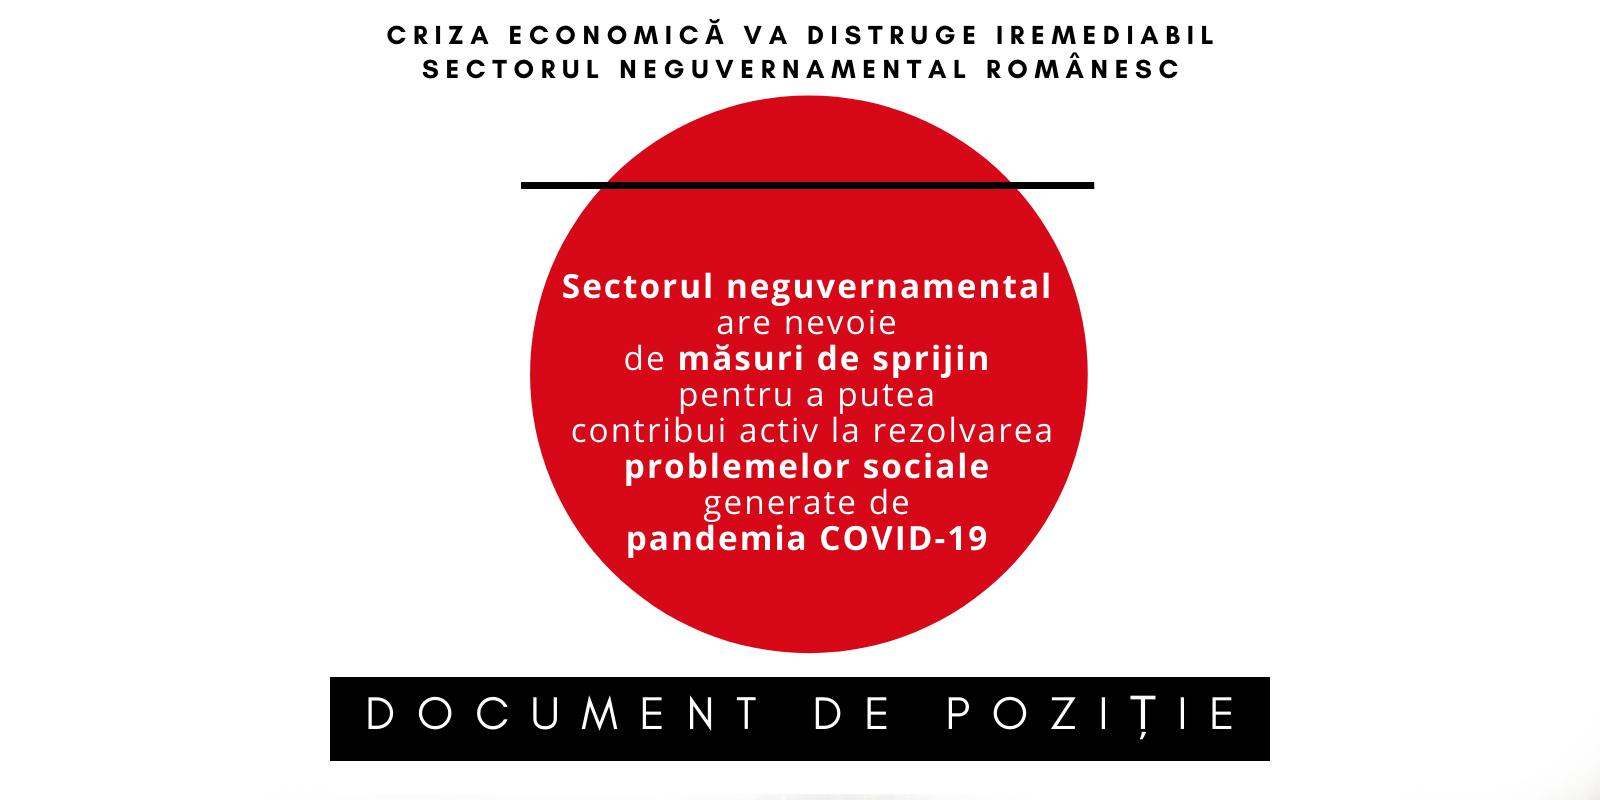 Criza economică va distruge iremediabil sectorul neguvernamental